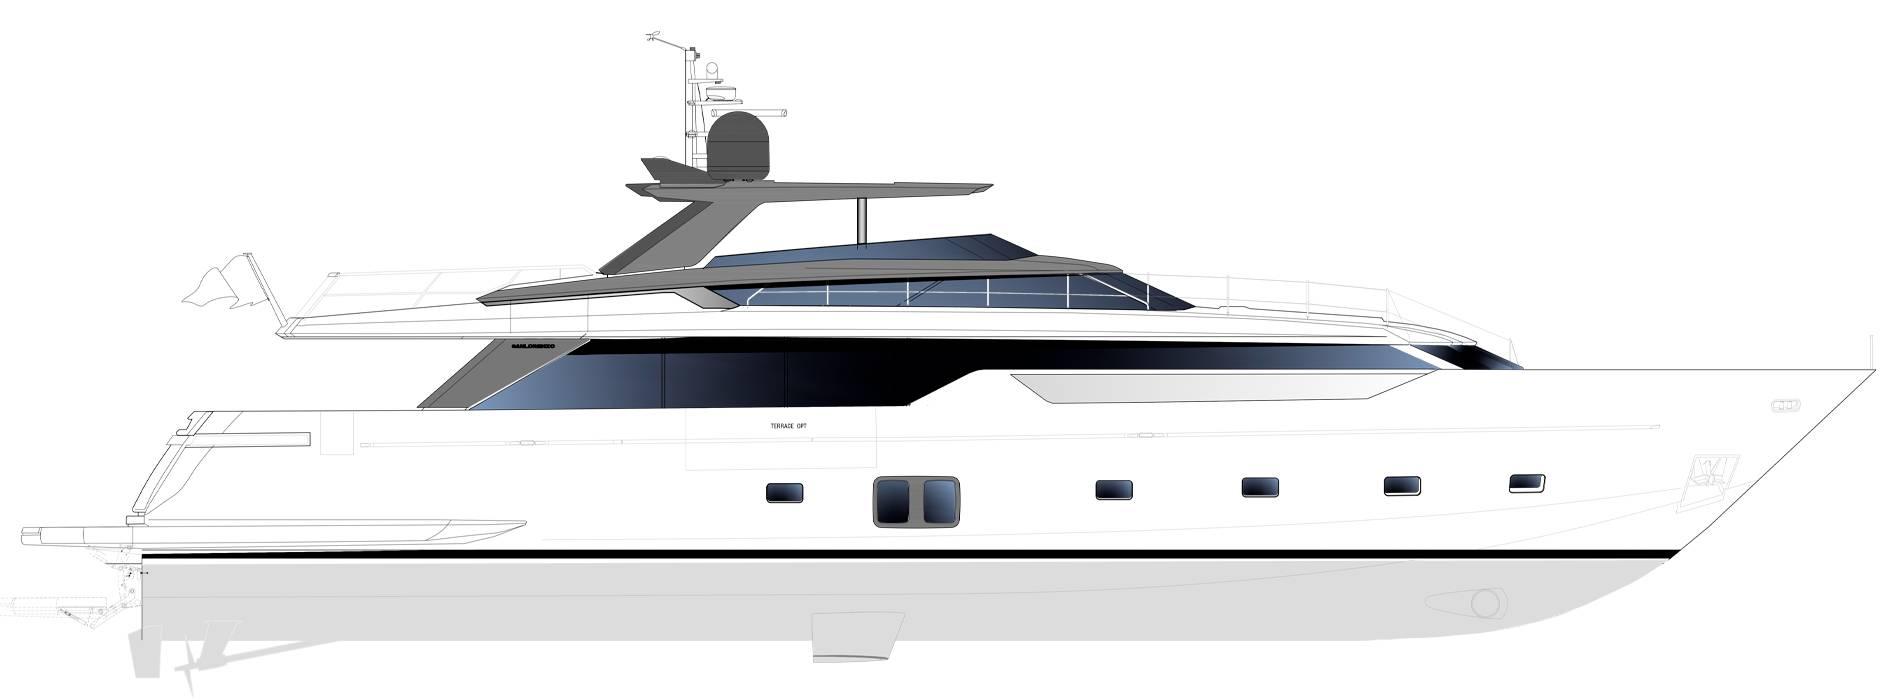 Sanlorenzo Yachts SL106 Asymmetric Perfil